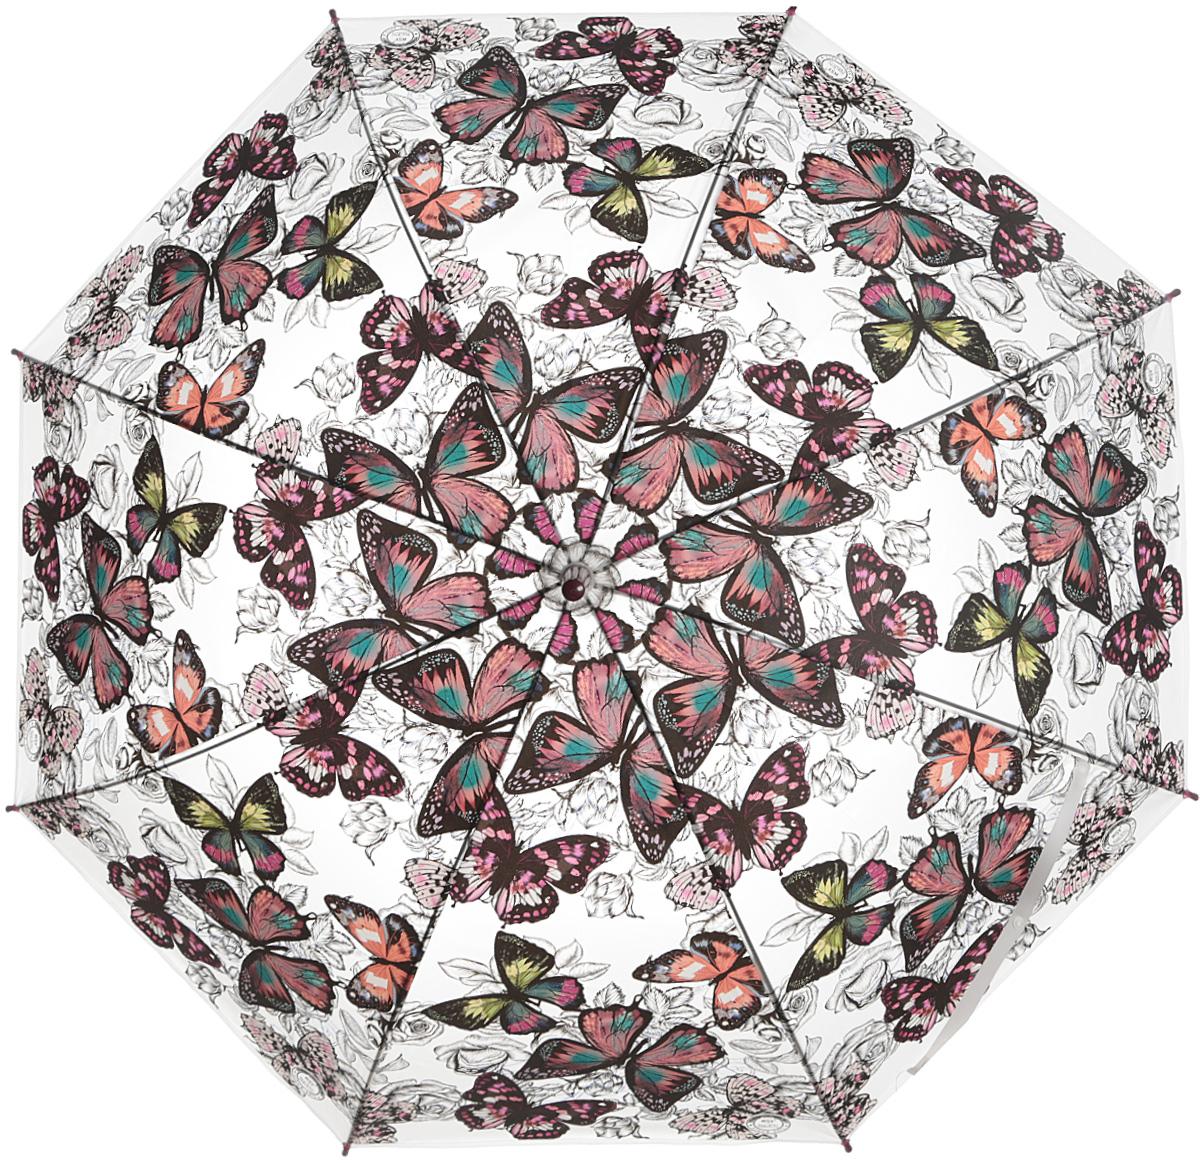 Зонт женский Эврика Бабочки, цвет: вишневый, серый. 97850Колье (короткие одноярусные бусы)Зонт-трость полиэтиленовый, диаметр купола 110 см, длинна трости 80 см.Упаковка: пакет прозрачный.